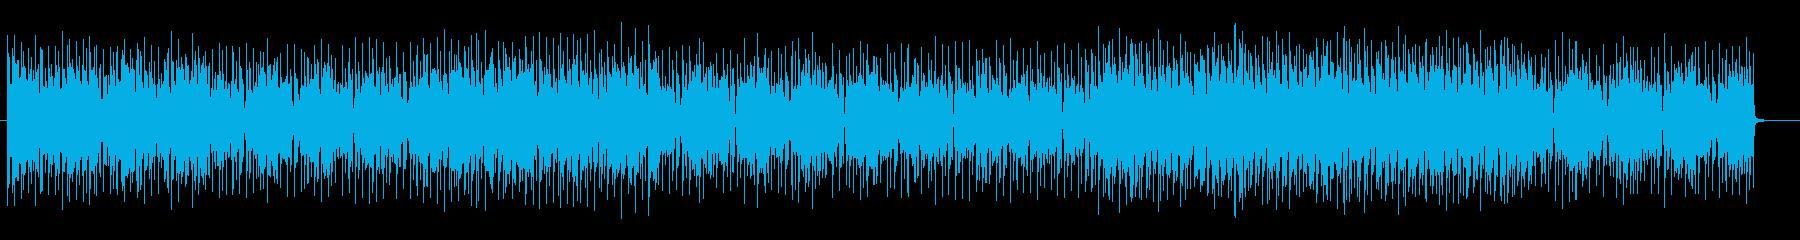 おしゃれでキャッチーなシンセテクノの再生済みの波形